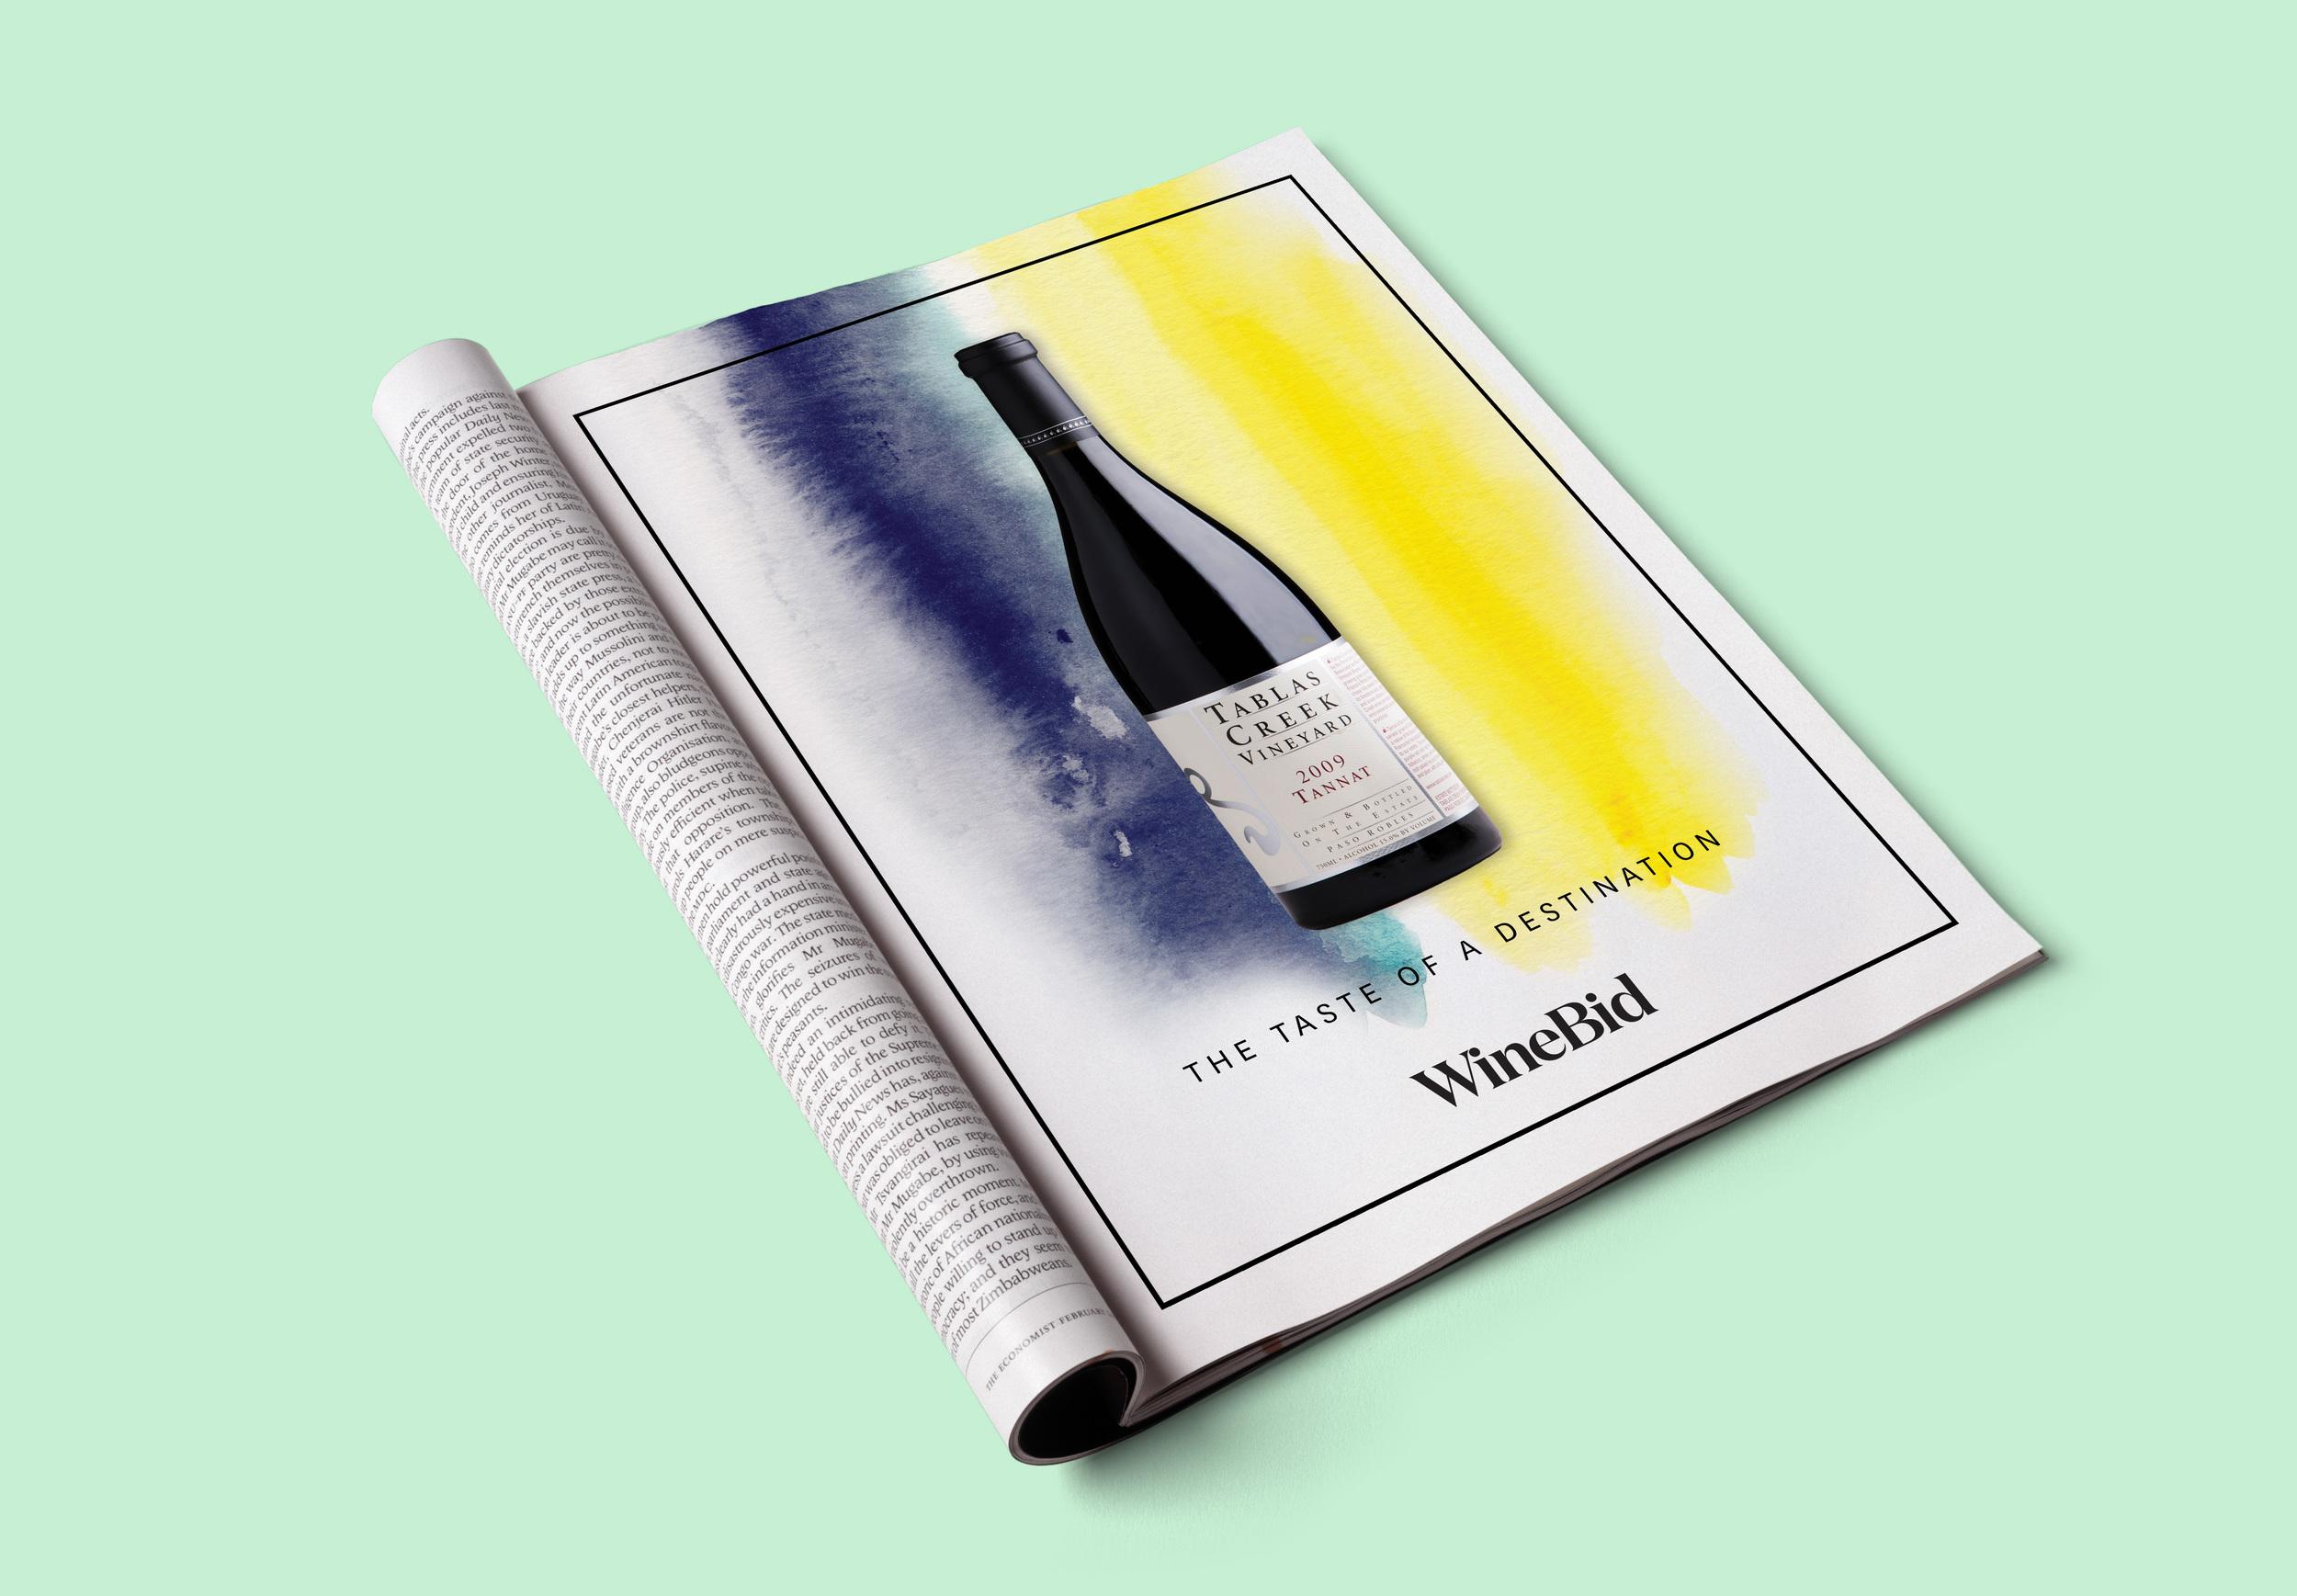 WineBid Magazine Ads